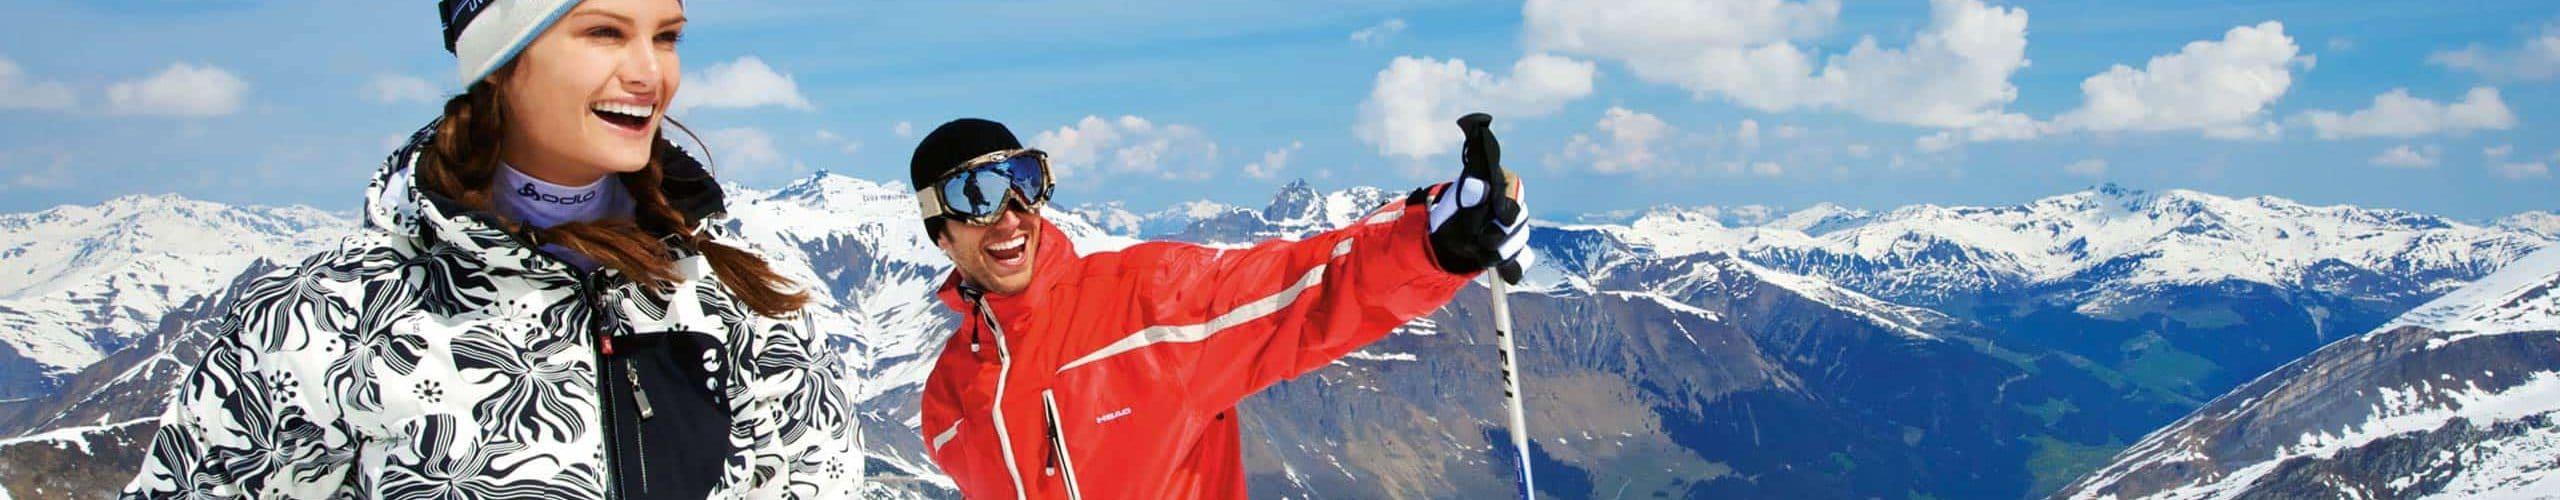 angebote_skifahren